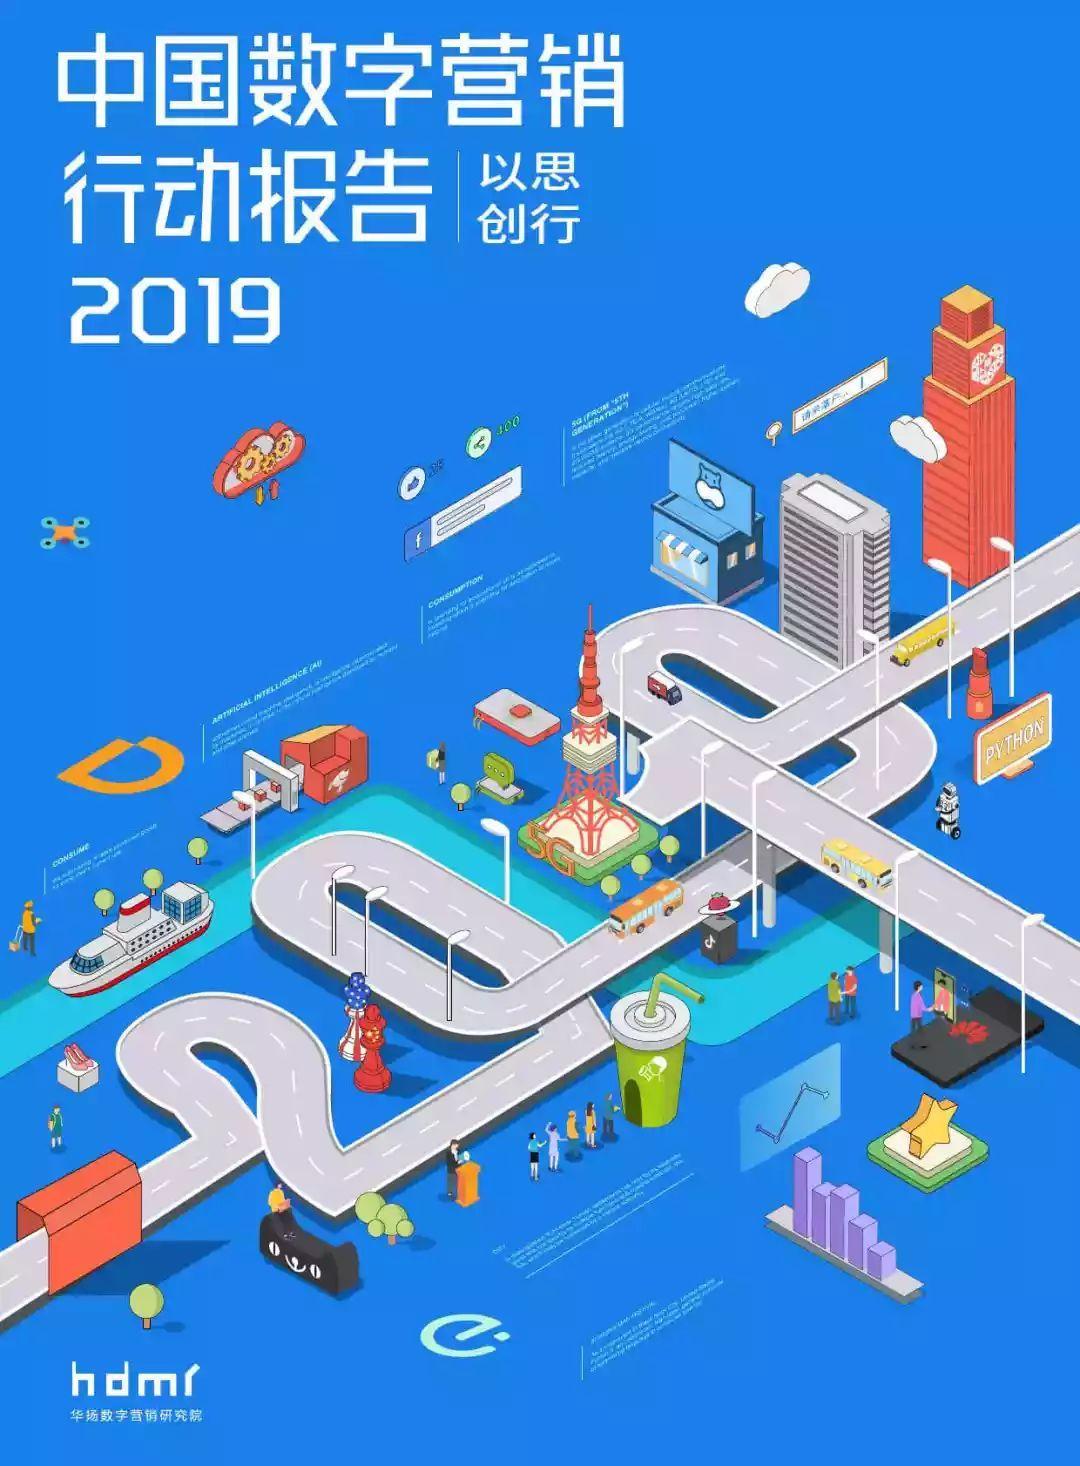 HDMR:2019中国数字营销行动报告